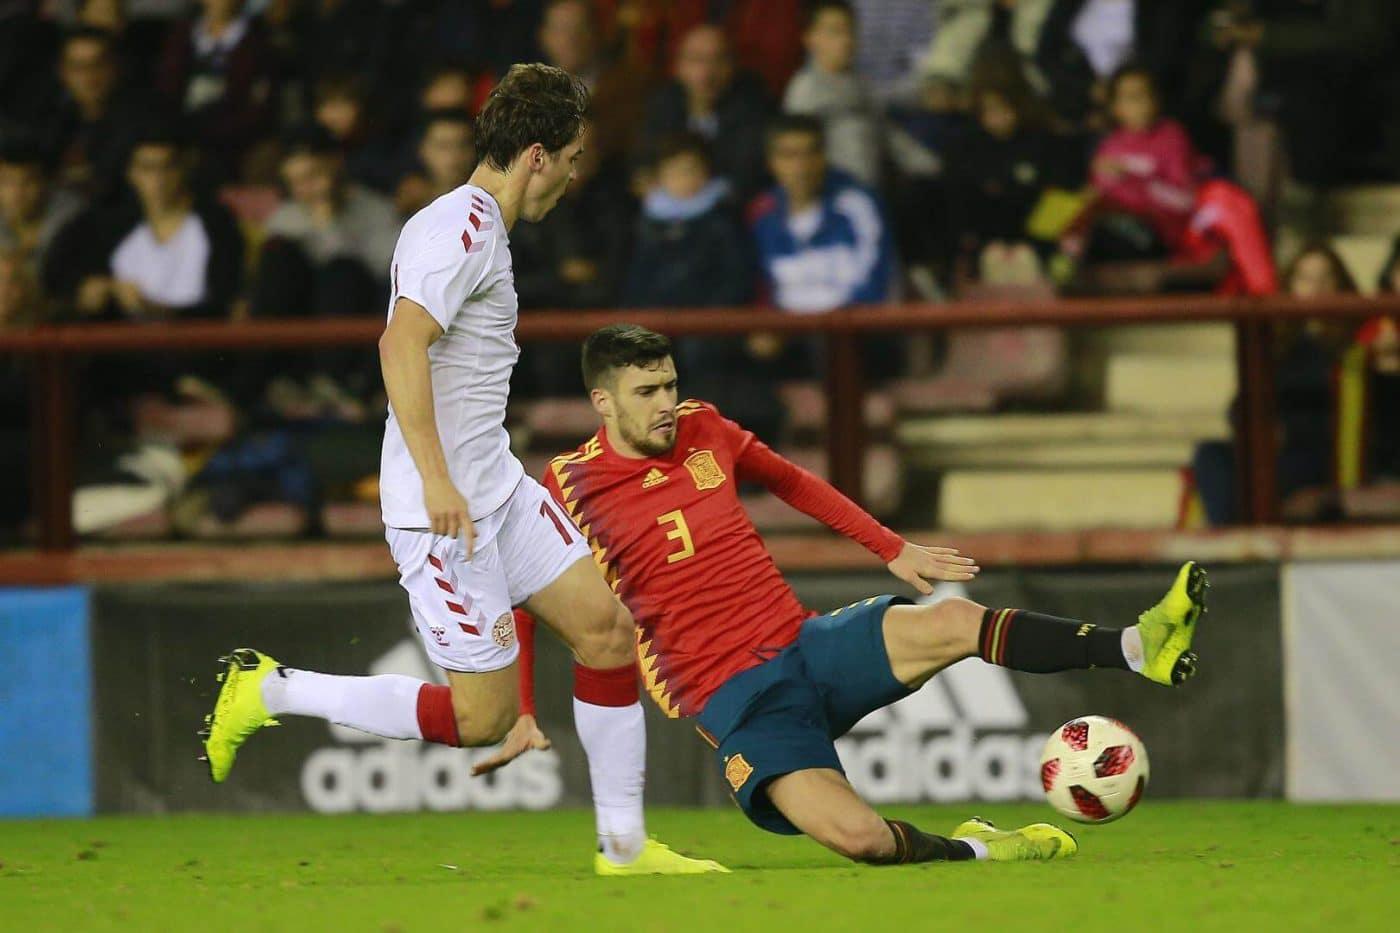 La Sub-21 de Luis de la Fuente remonta y golea en Las Gaunas 28